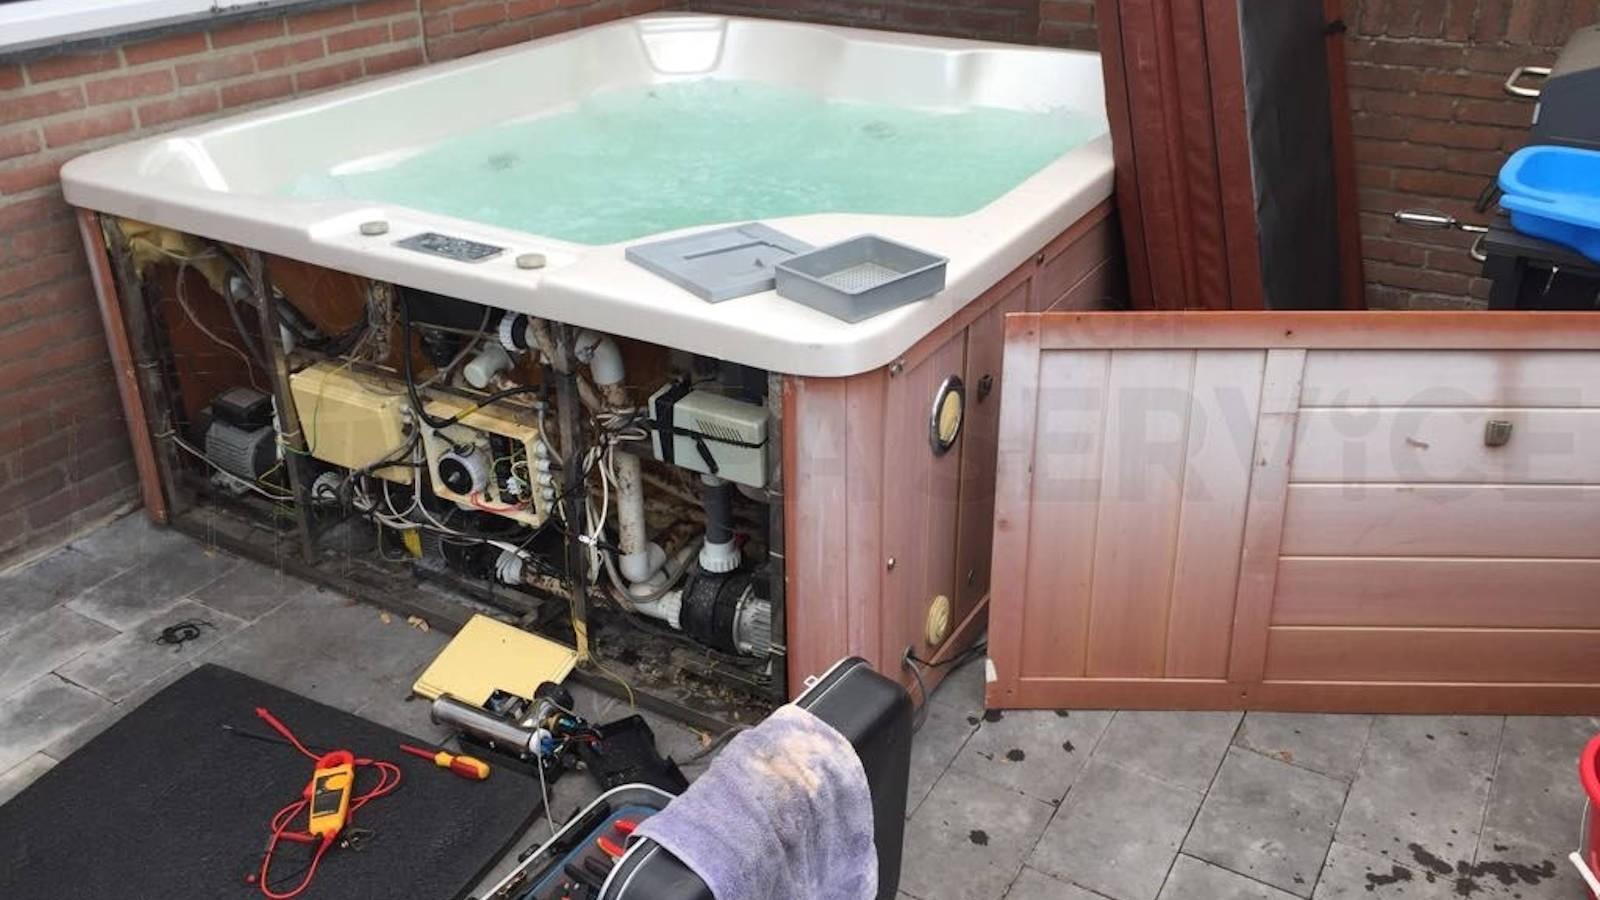 Reparatie verwarming van een Total Relax Pool spa in Brunssum